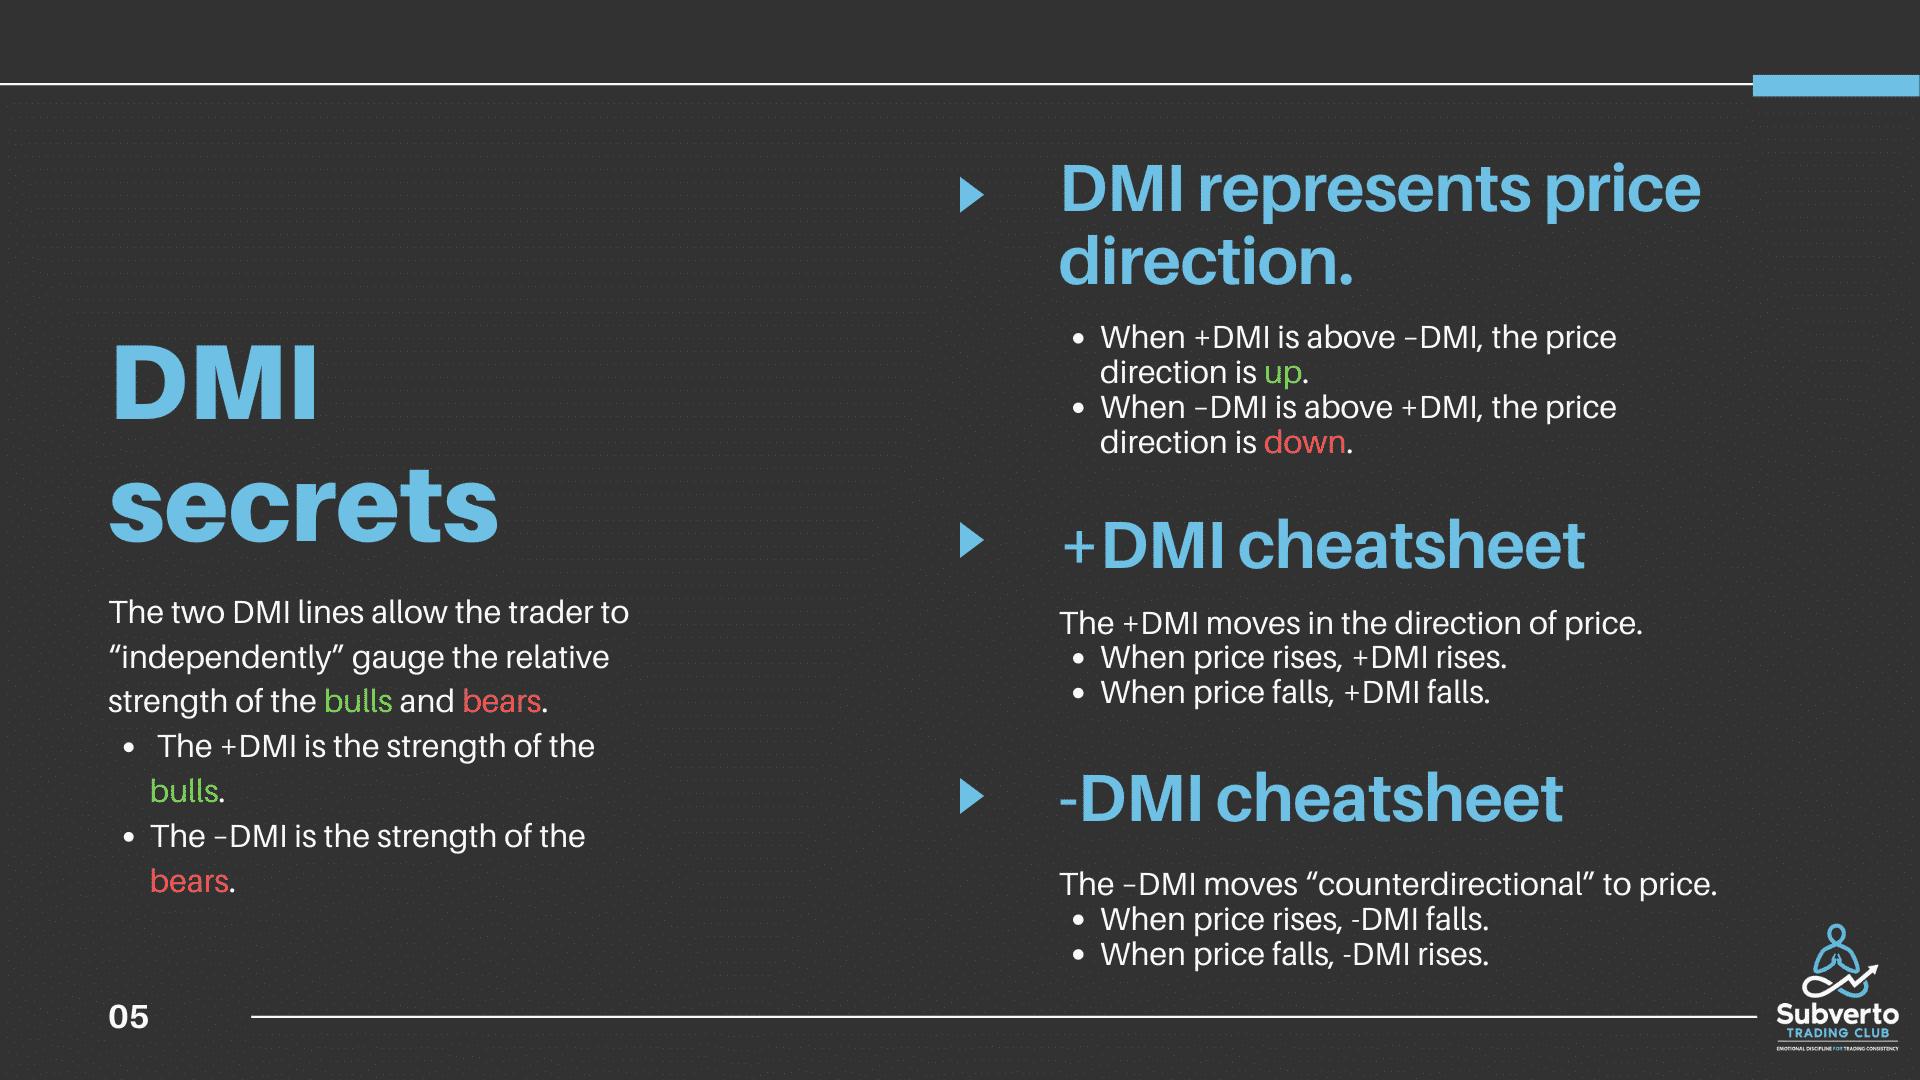 DMI secrets